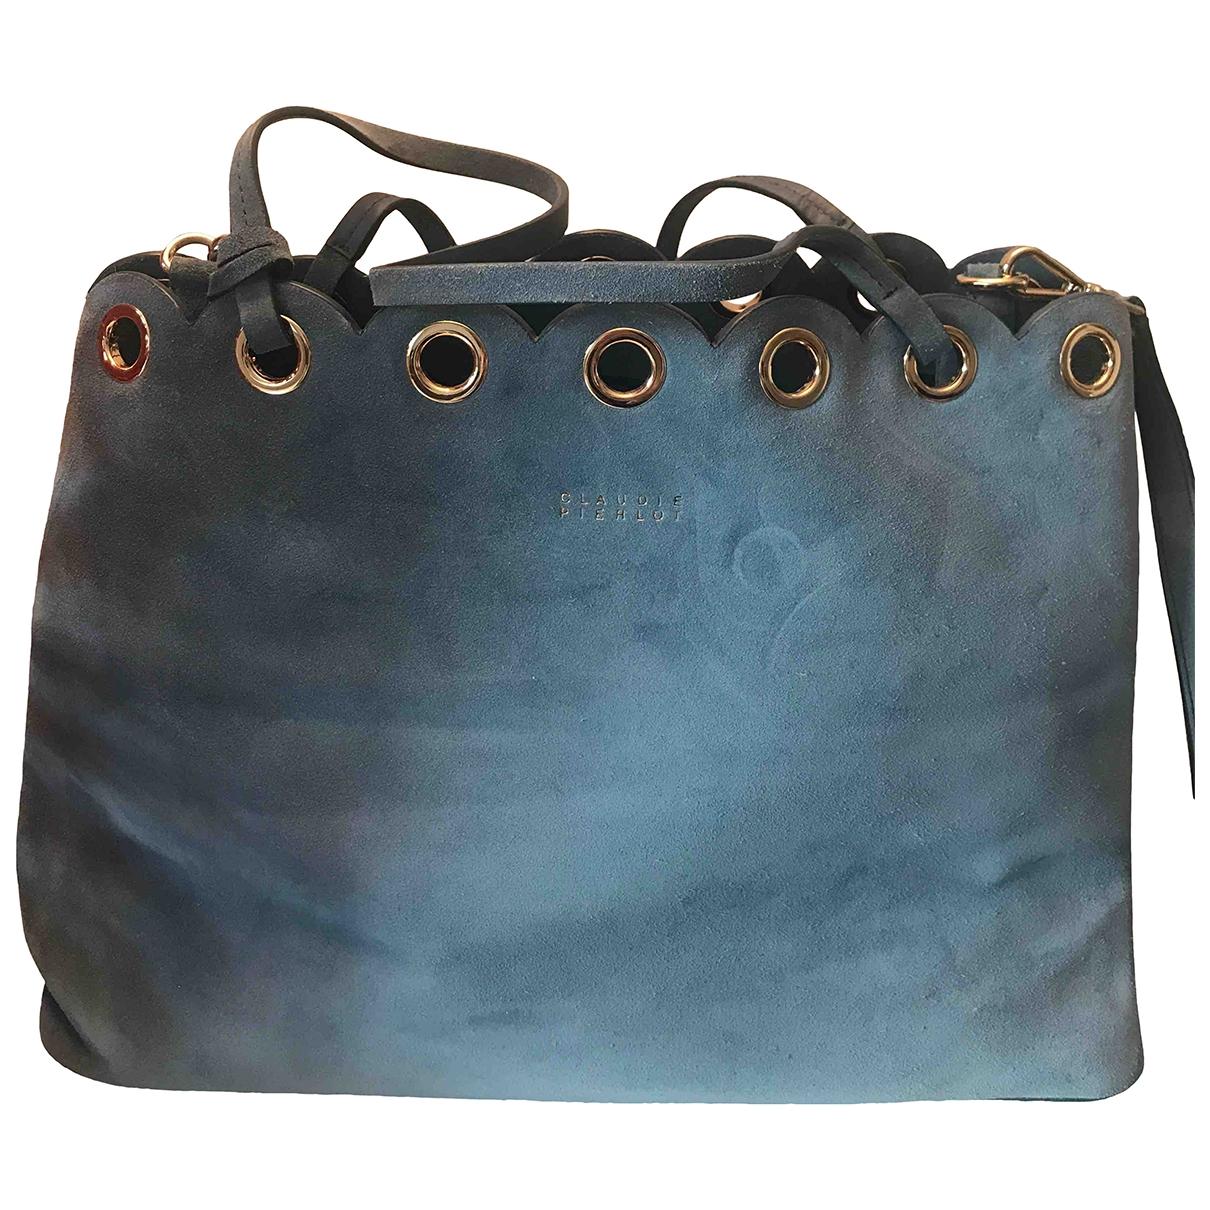 Claudie Pierlot \N Handtasche in  Blau Leder